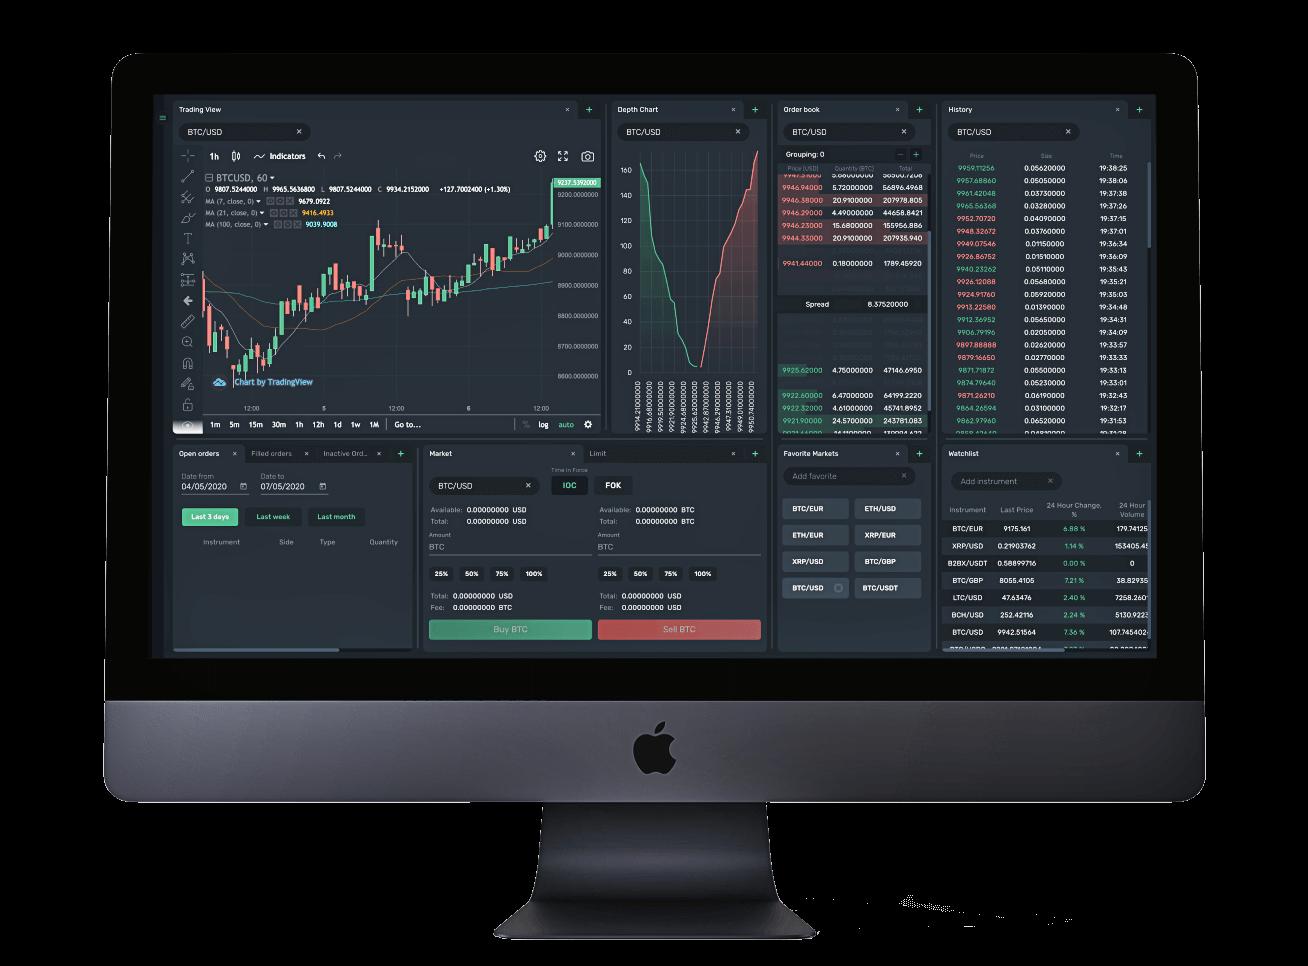 Криптовалютная Торговая платформа